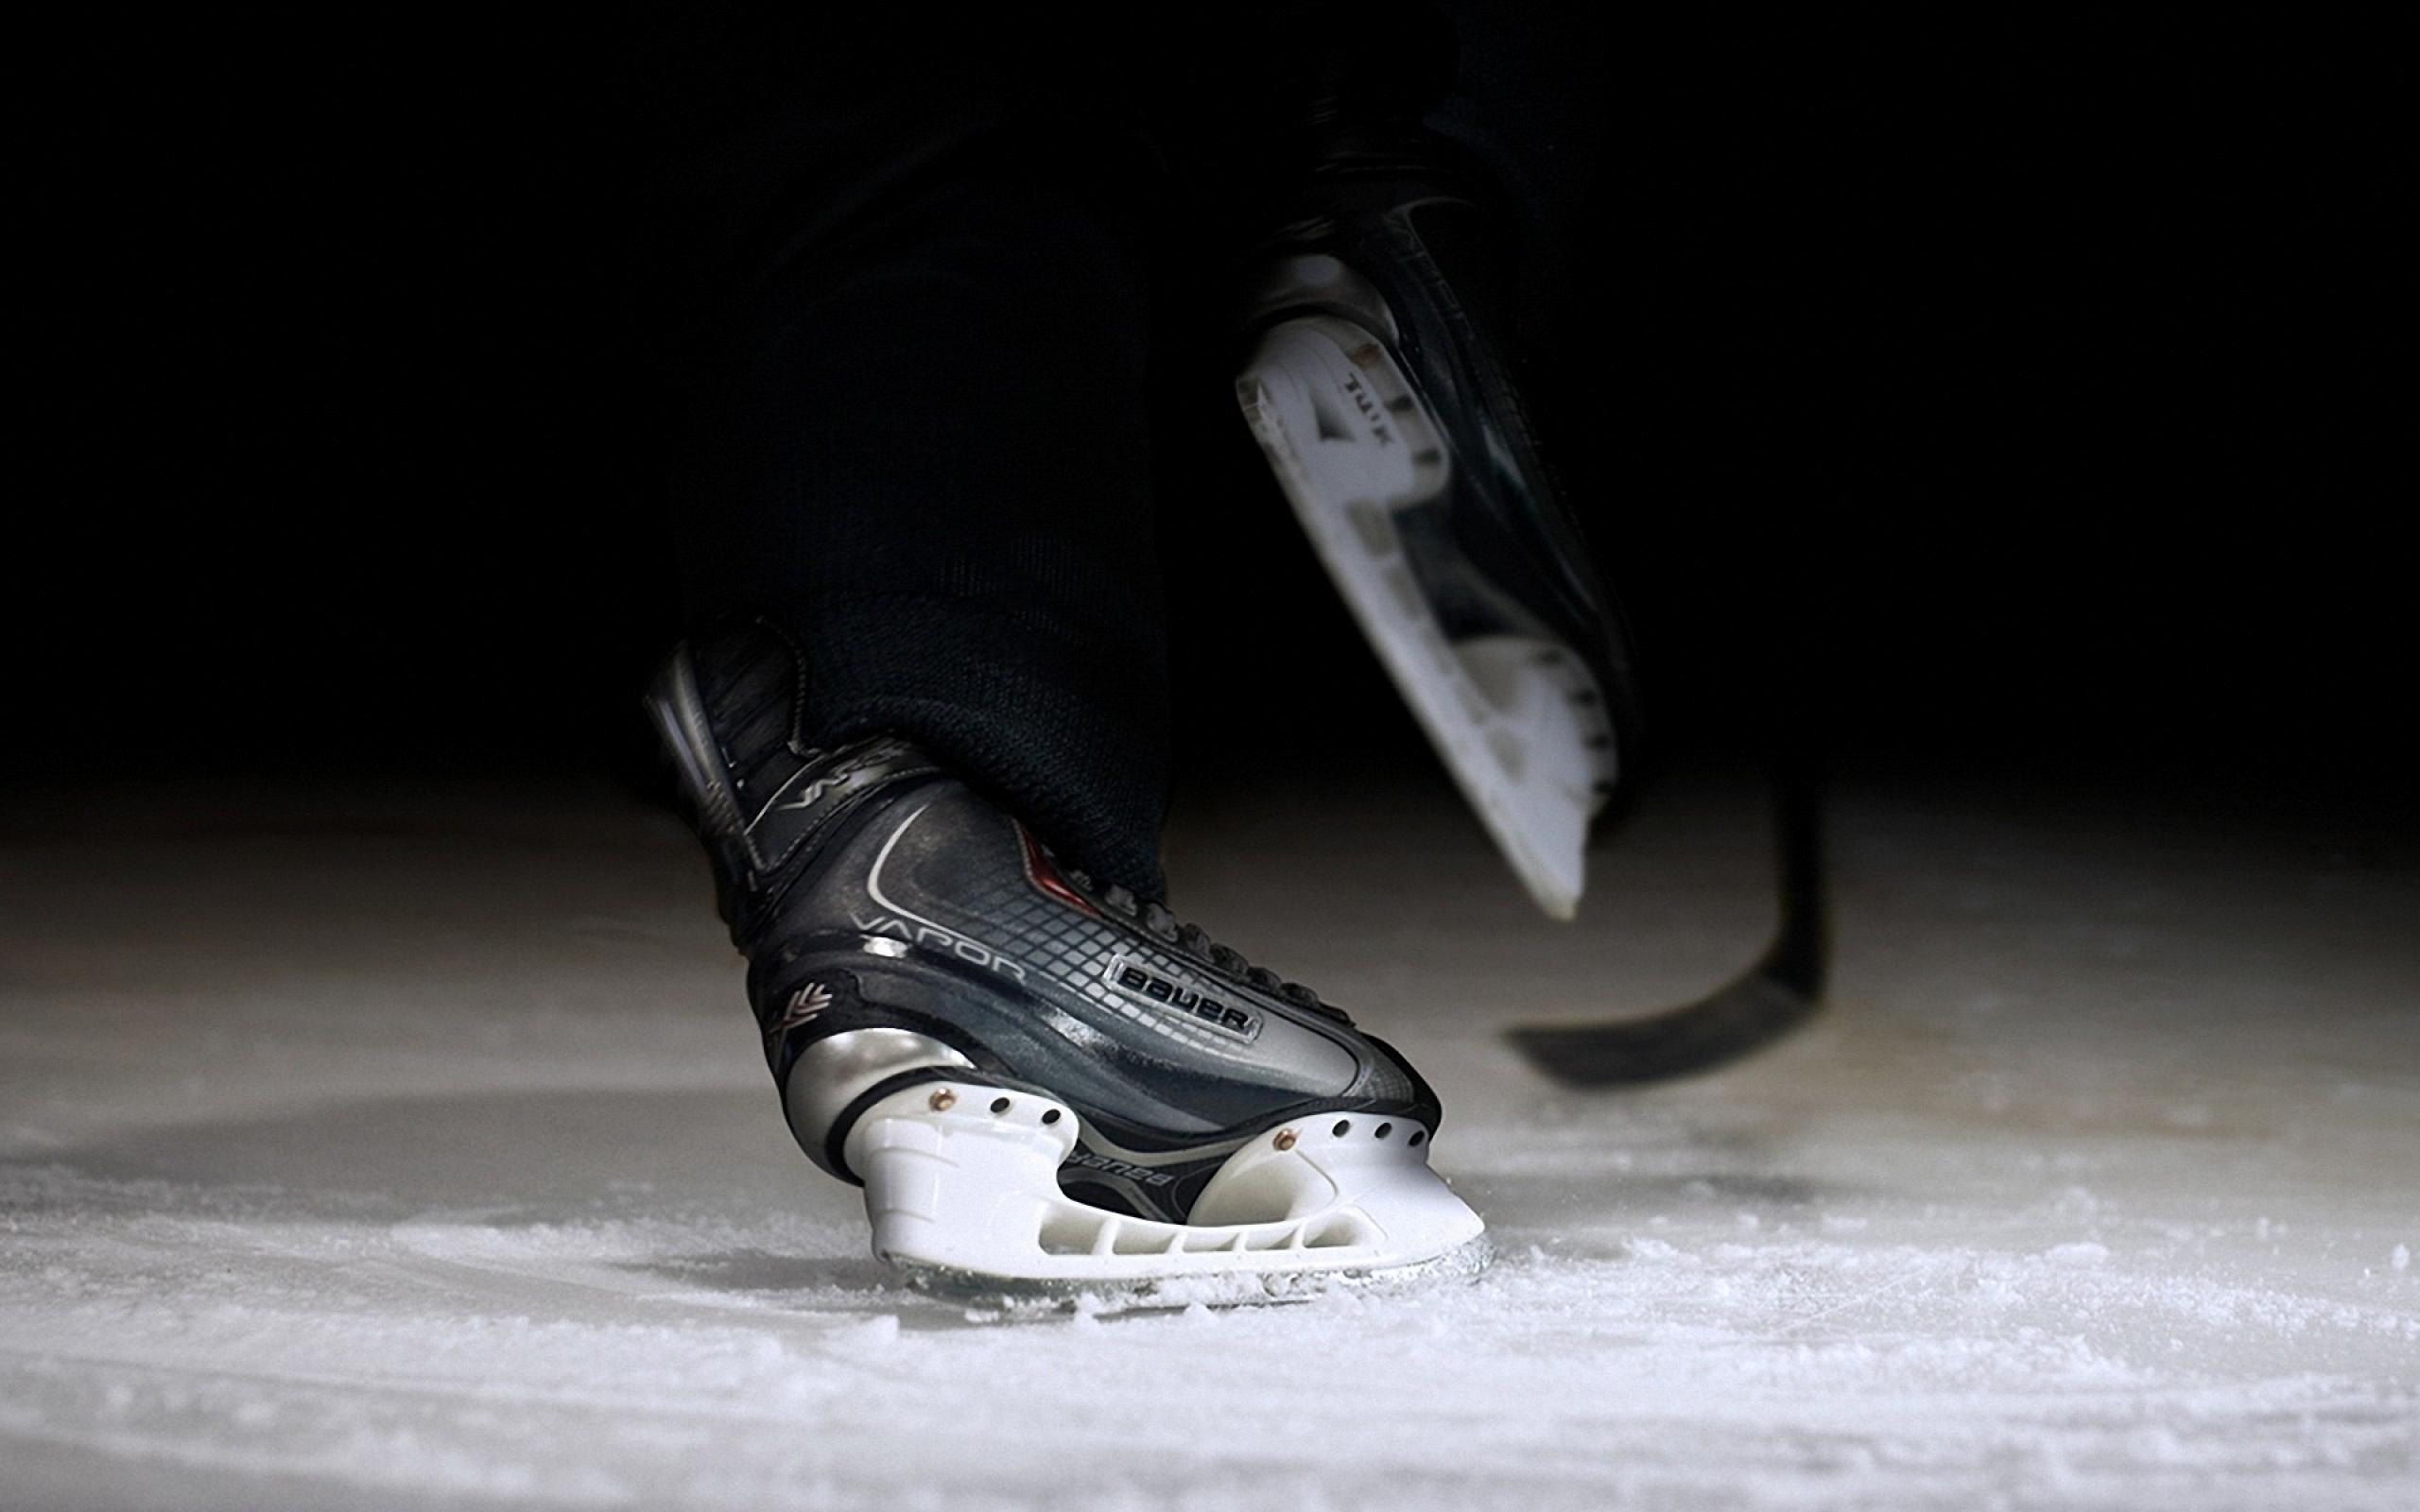 научимся шить картинки хоккейных коньков высокого разрешения крошится так мелко